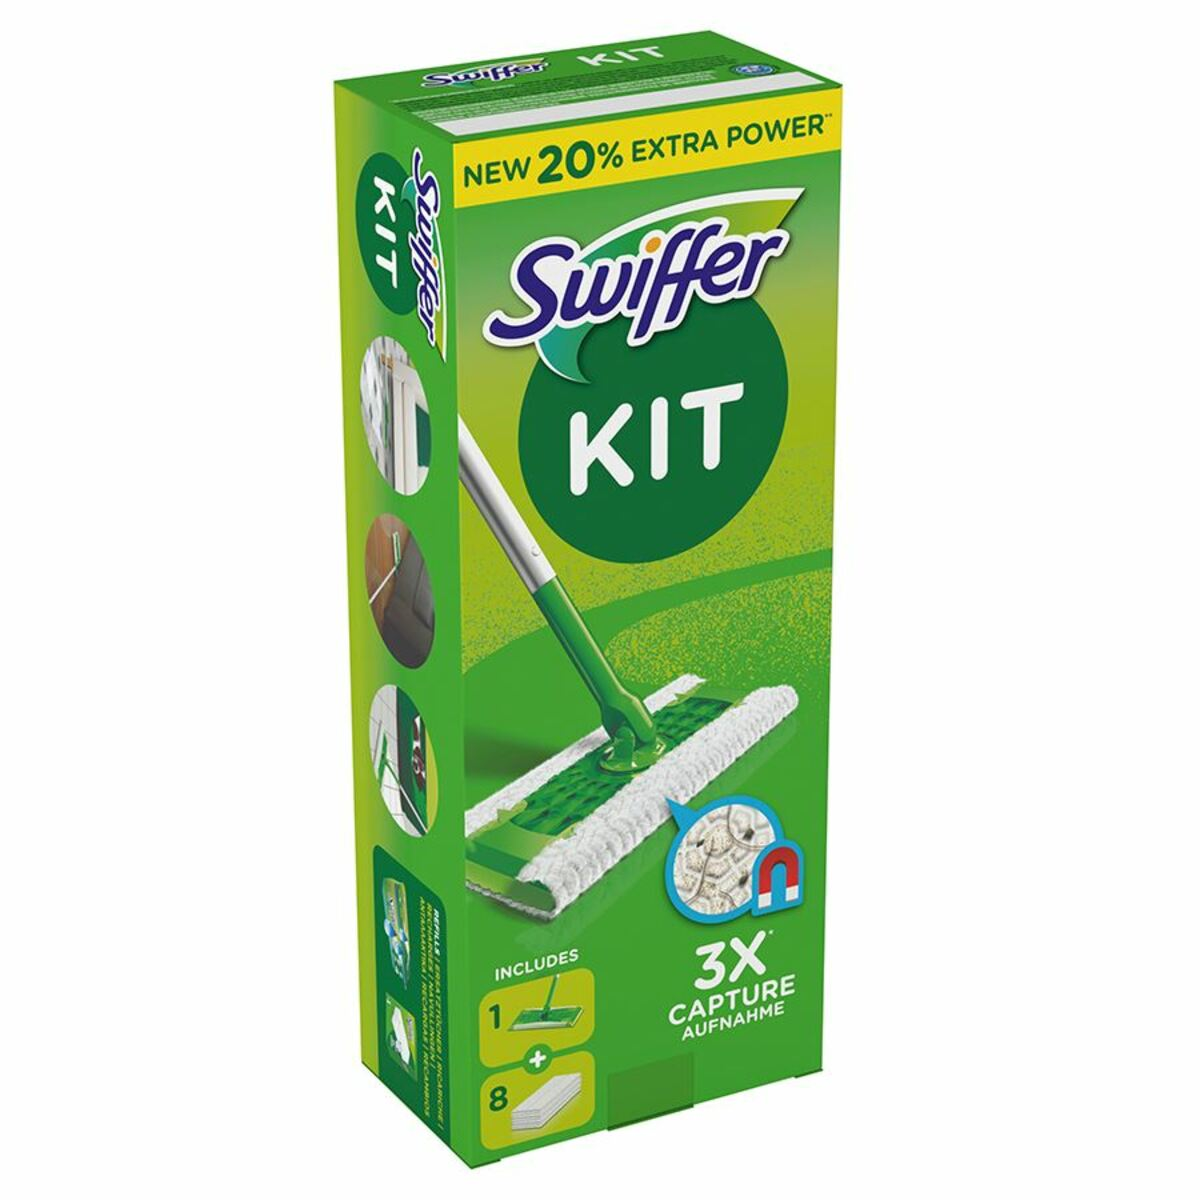 Bild 1 von Swiffer Kit Starterset